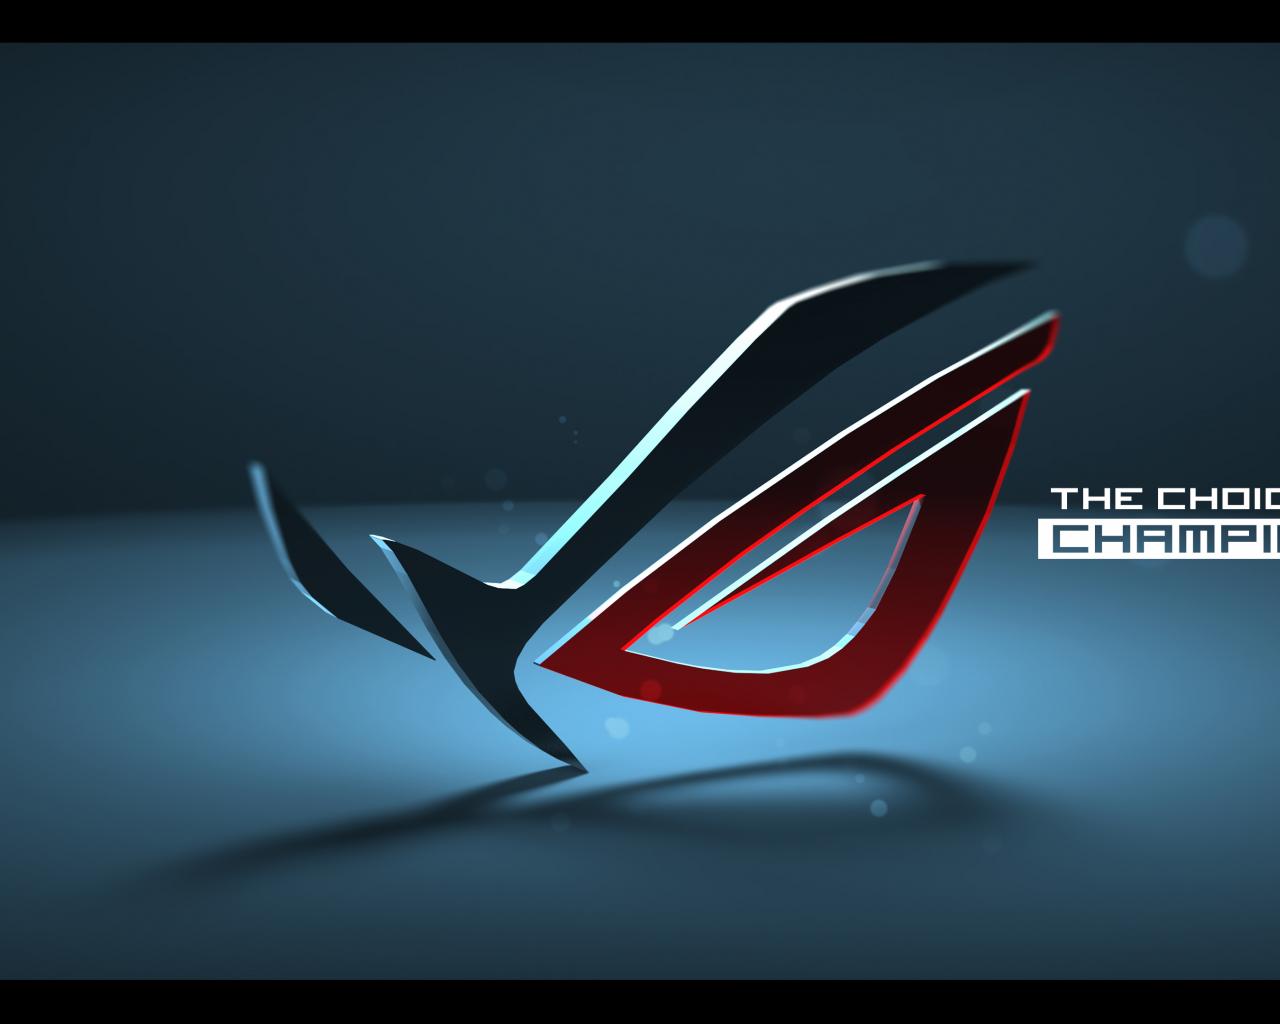 Free download 3d logo asus original 4k wallpaper ultra hd ...